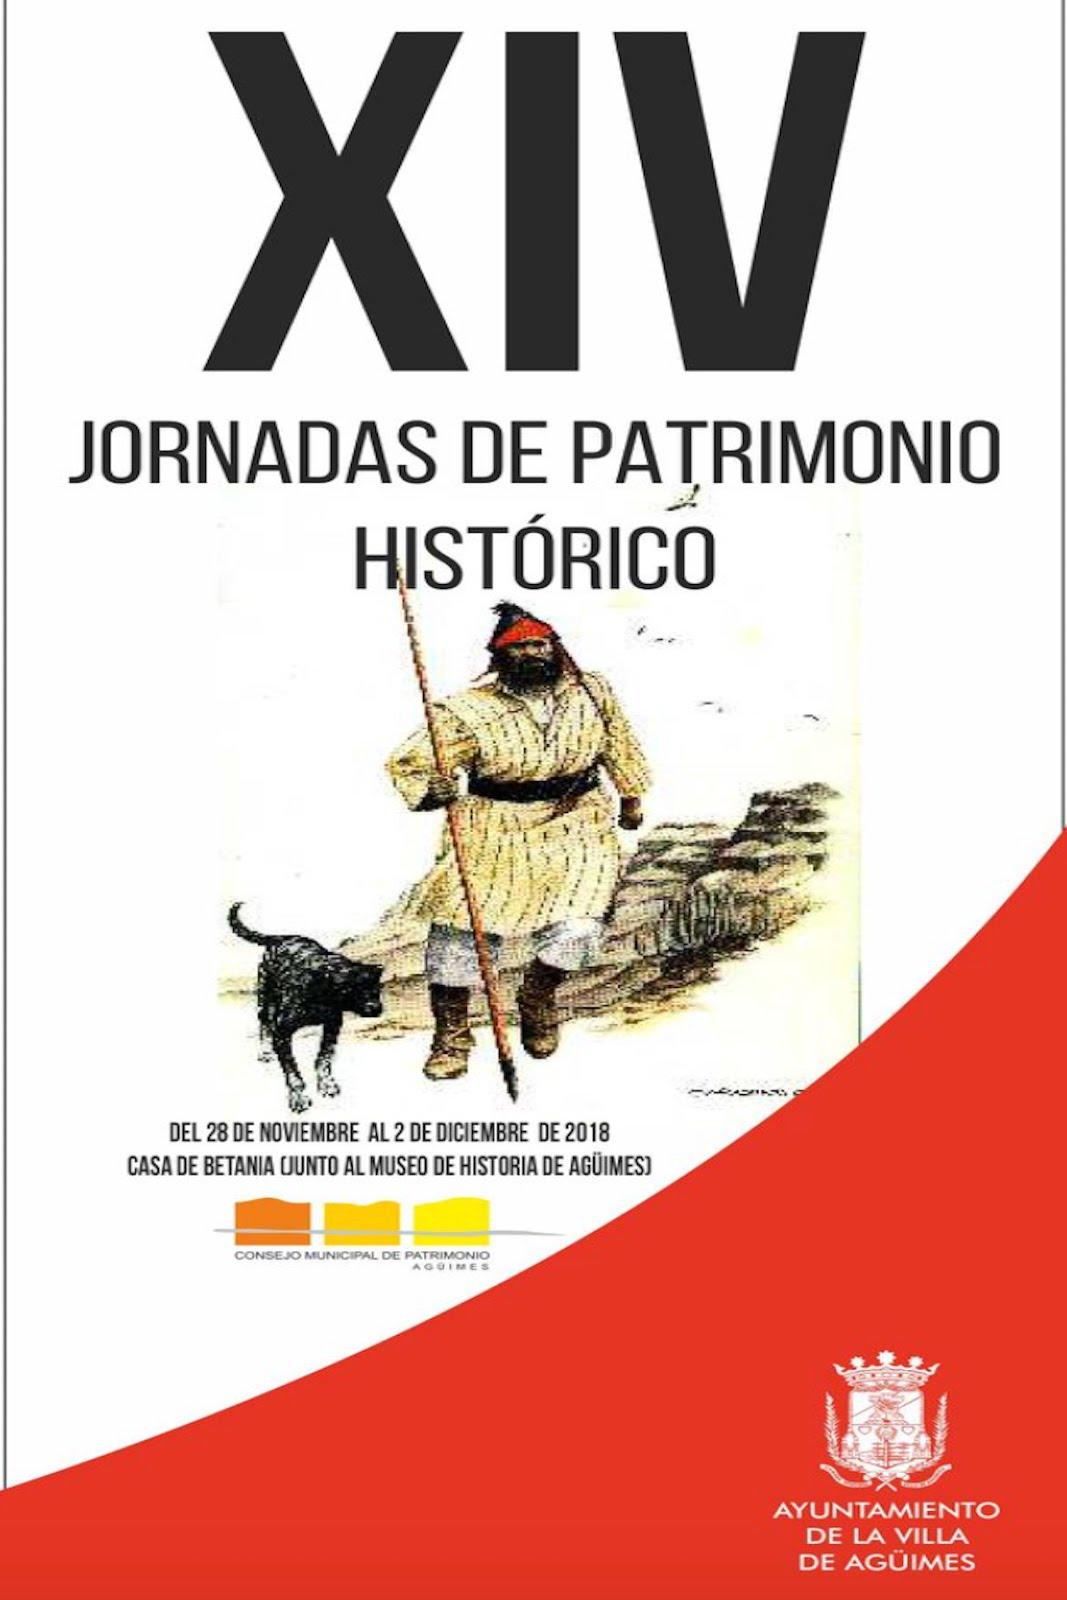 XIV Jornadas de Patrimonio Histórico de Agüimes